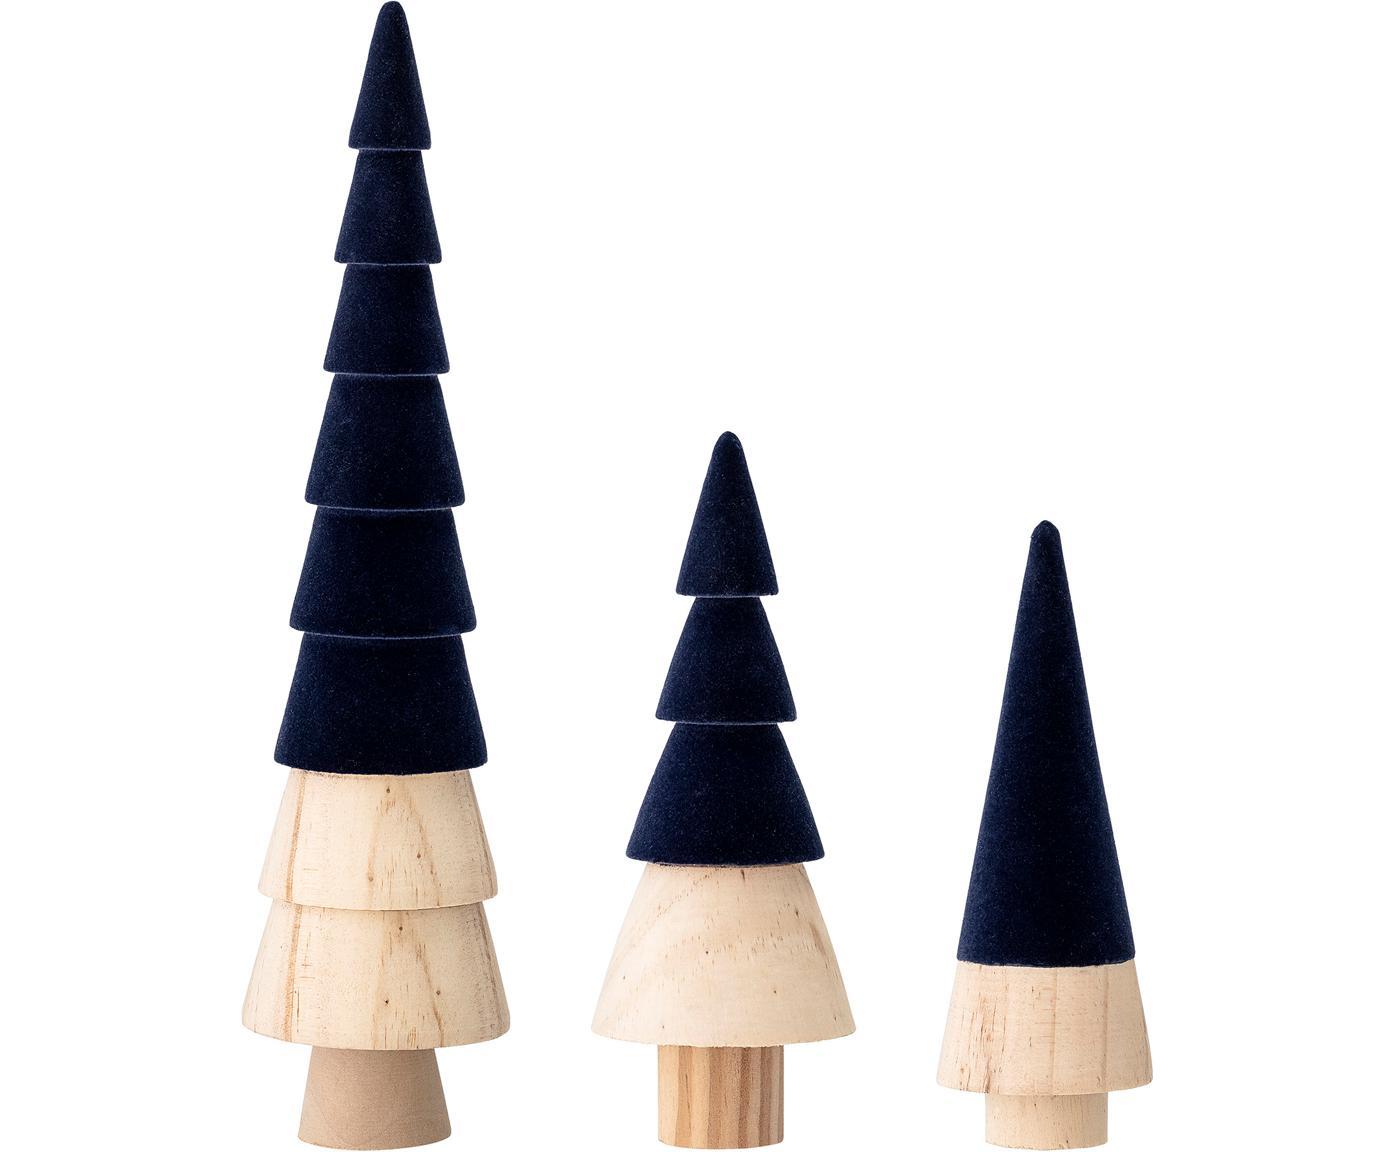 Set 3 oggetti decorativi in velluto Thace, Legno, velluto di poliestere, Blu scuro, legno, Diverse dimensioni